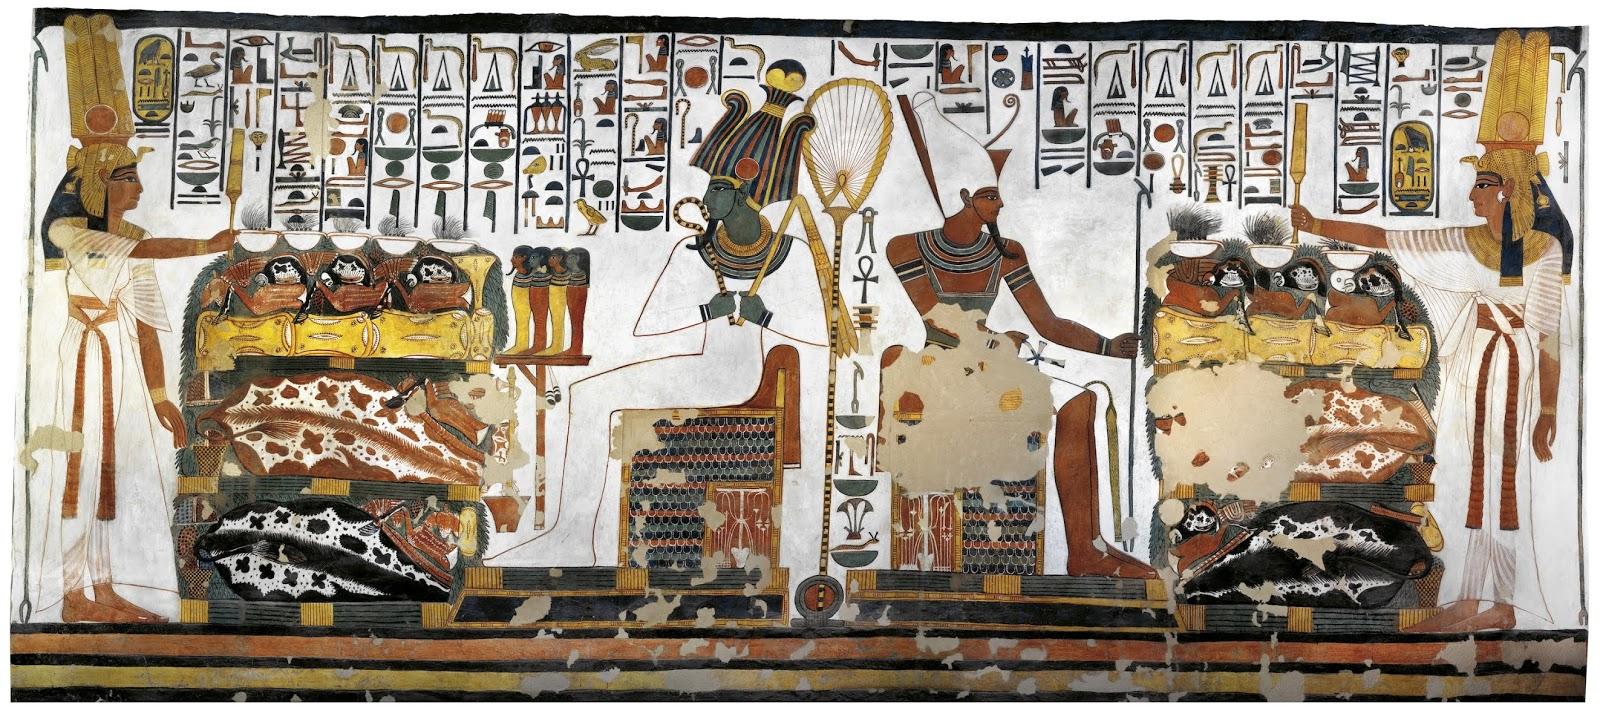 Imagen 7. Doble imagen de Nefertari haciendo una ofrenda a Osiris y Atum